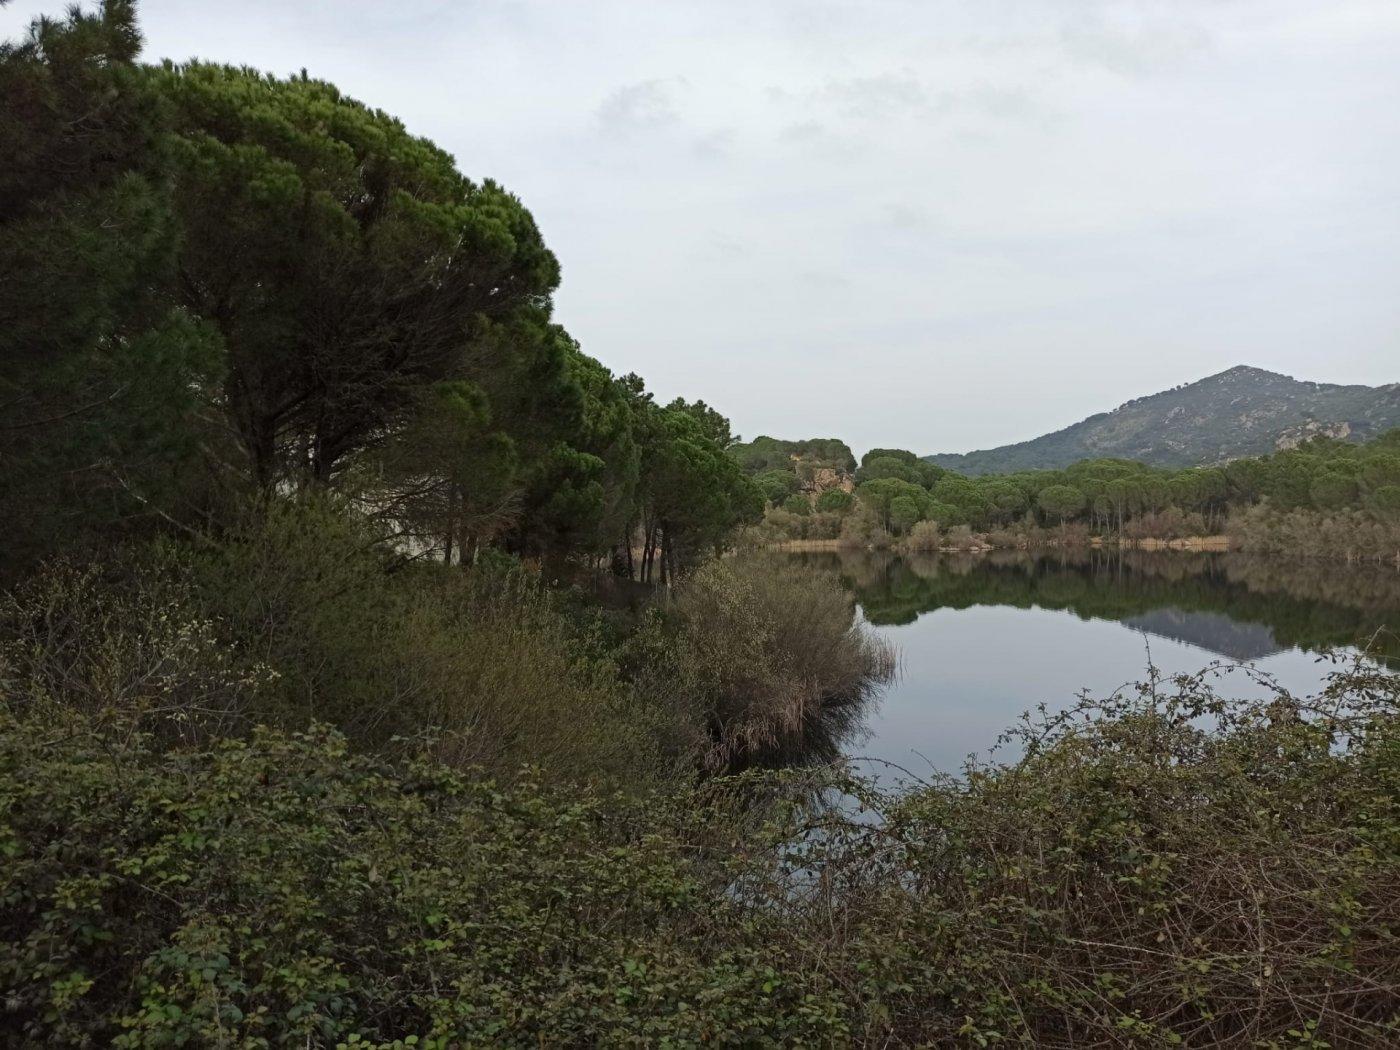 Se vende parcela urbana en las jaras a orilla del lago - imagenInmueble4